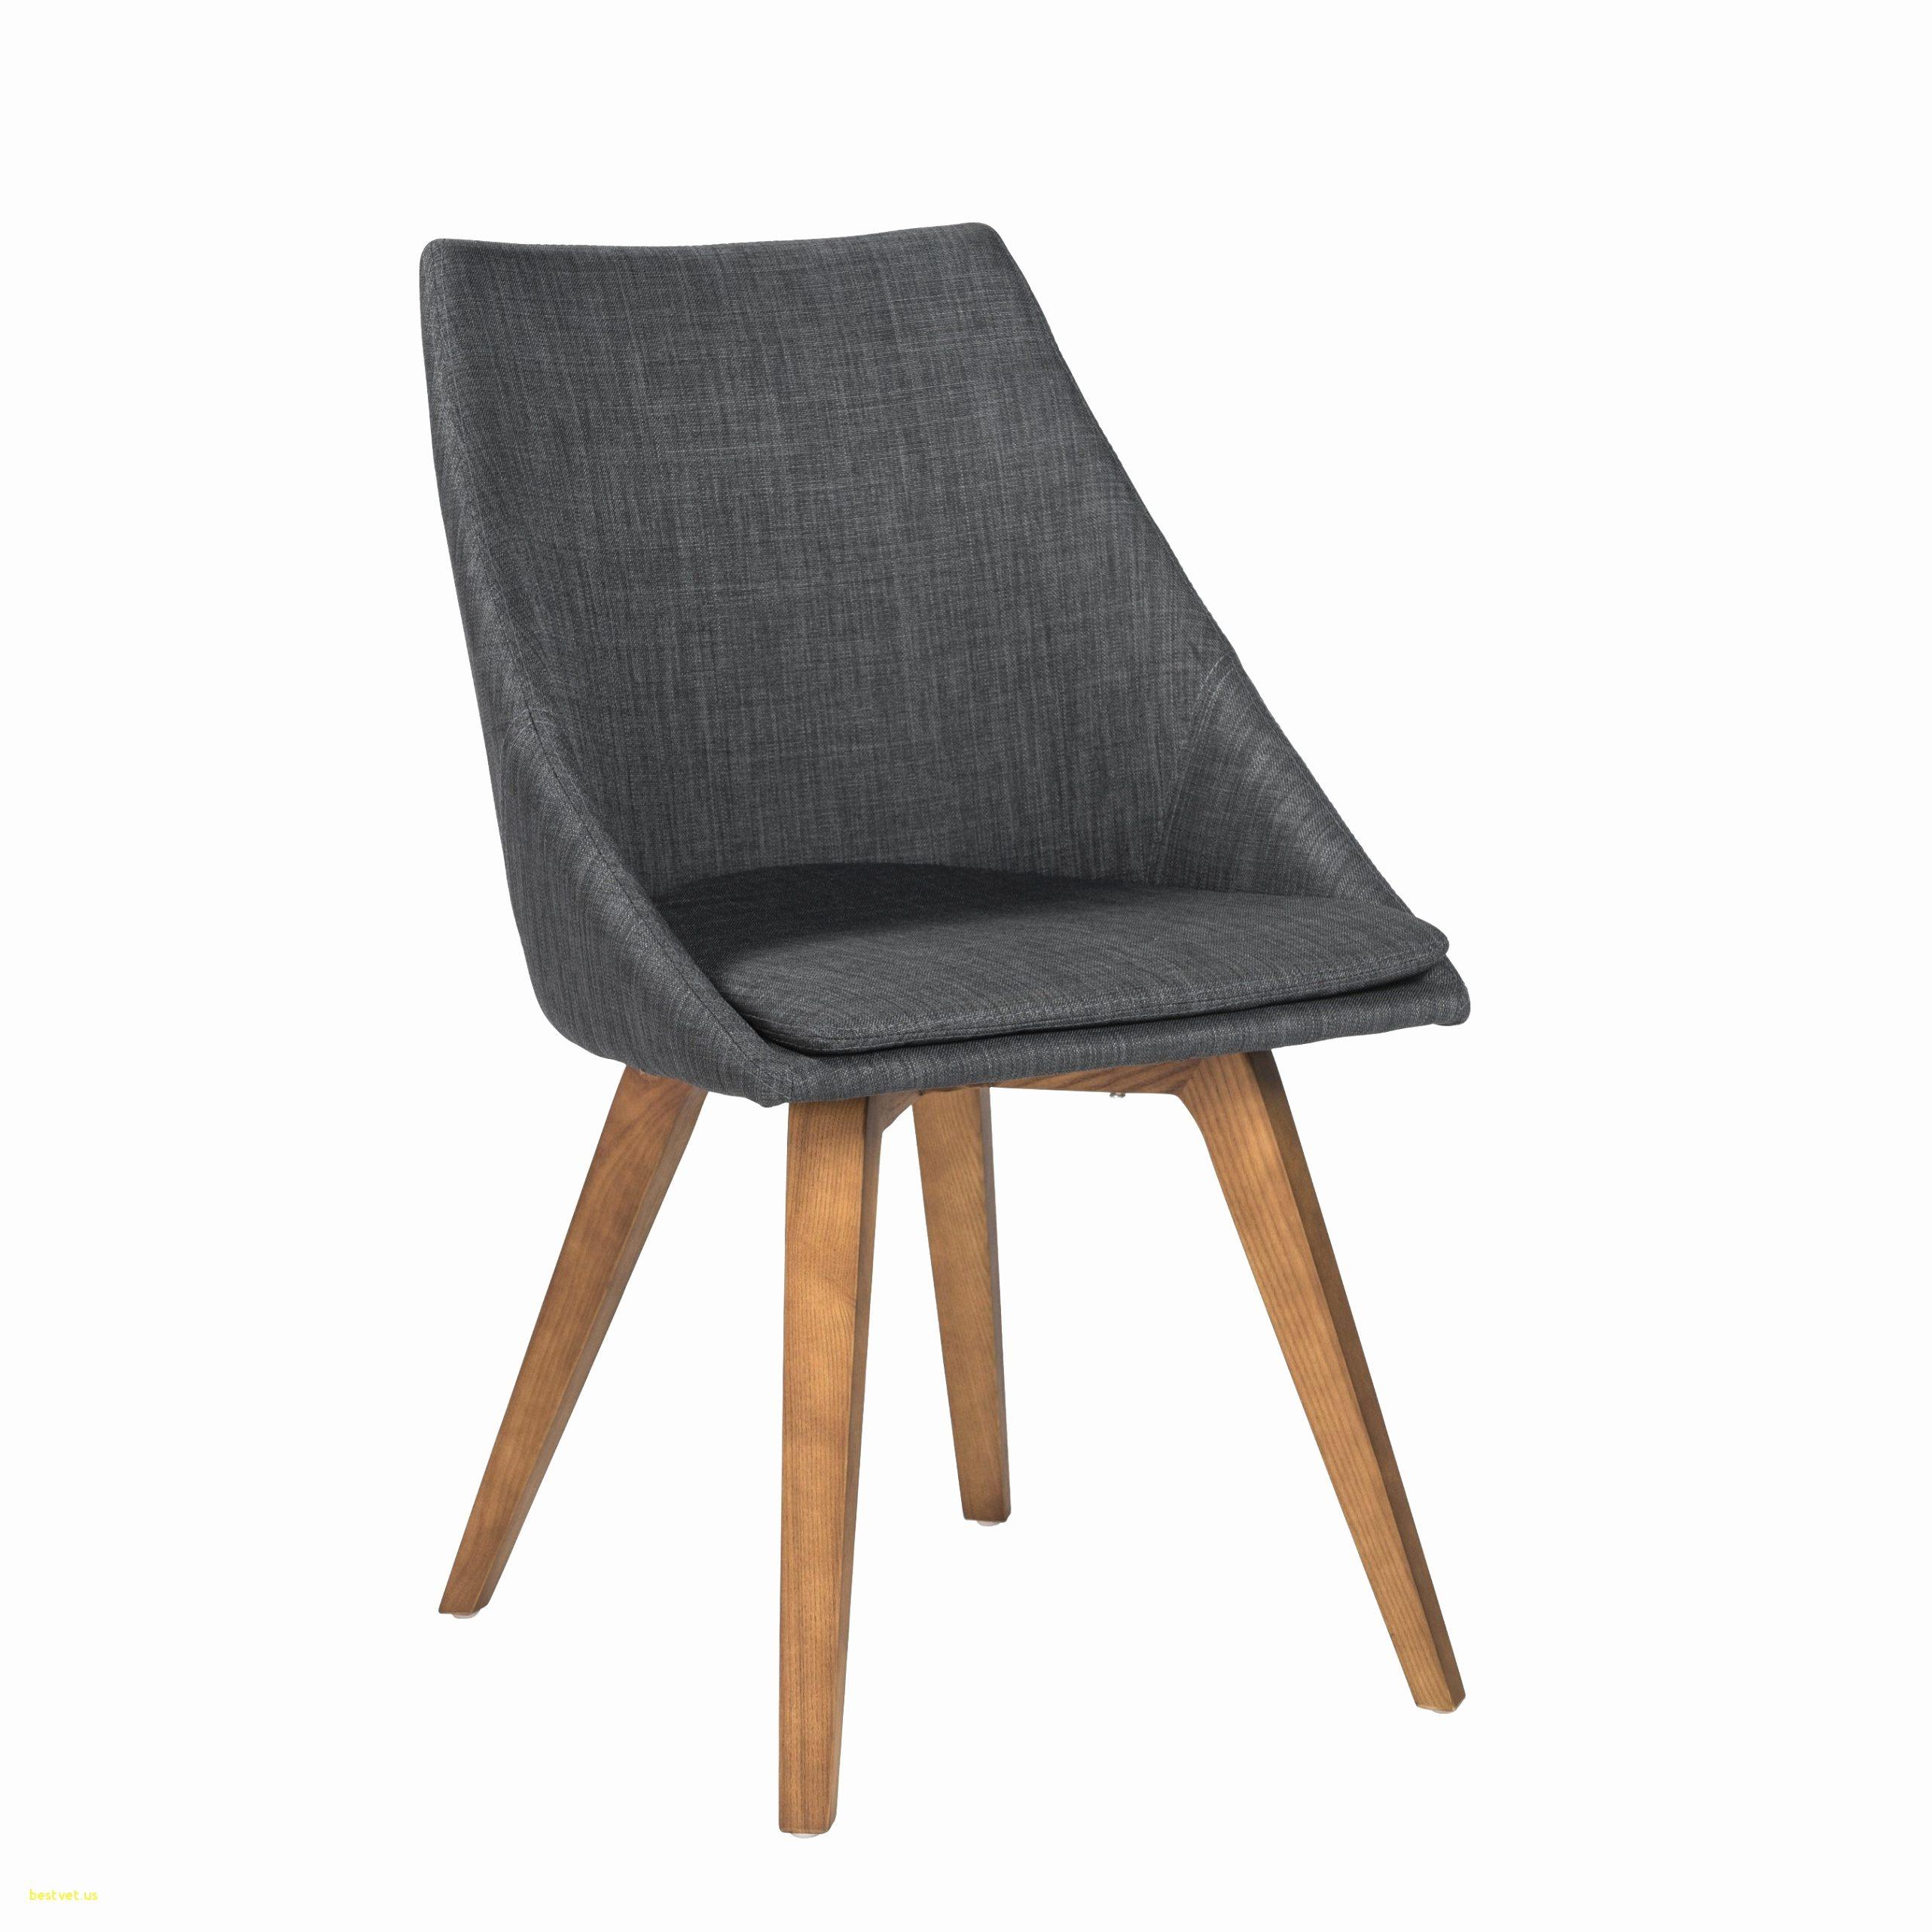 Lit D Appoint Ikea Inspirant Chaise D Appoint Luxus Petits Fauteuils De Jardin 20 Exemples